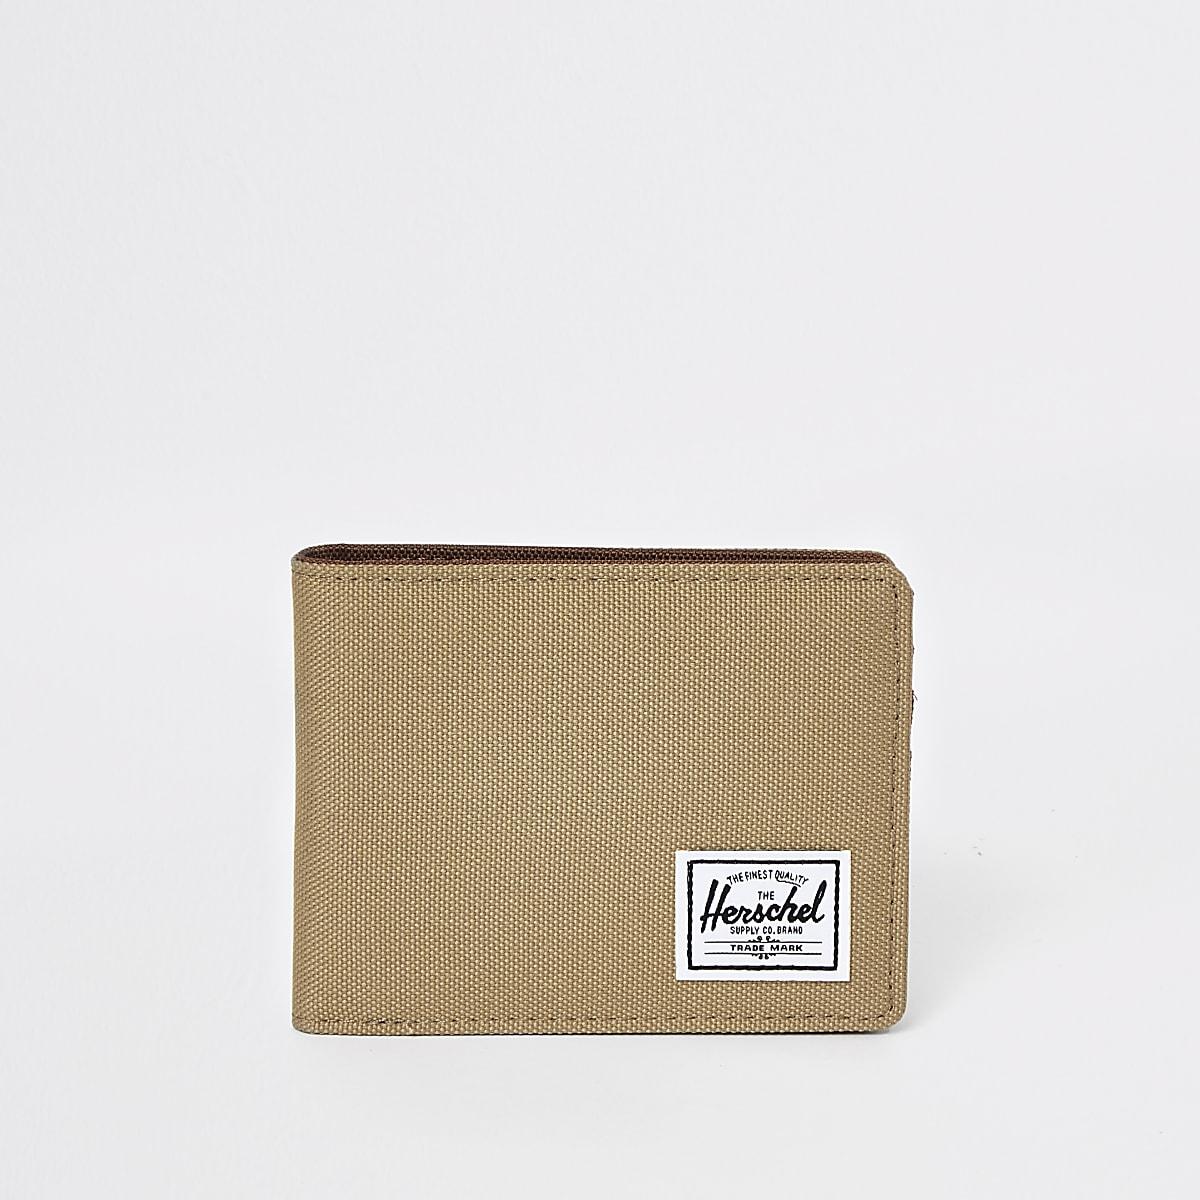 Herschel – Roy – Steingraue Geldbörse